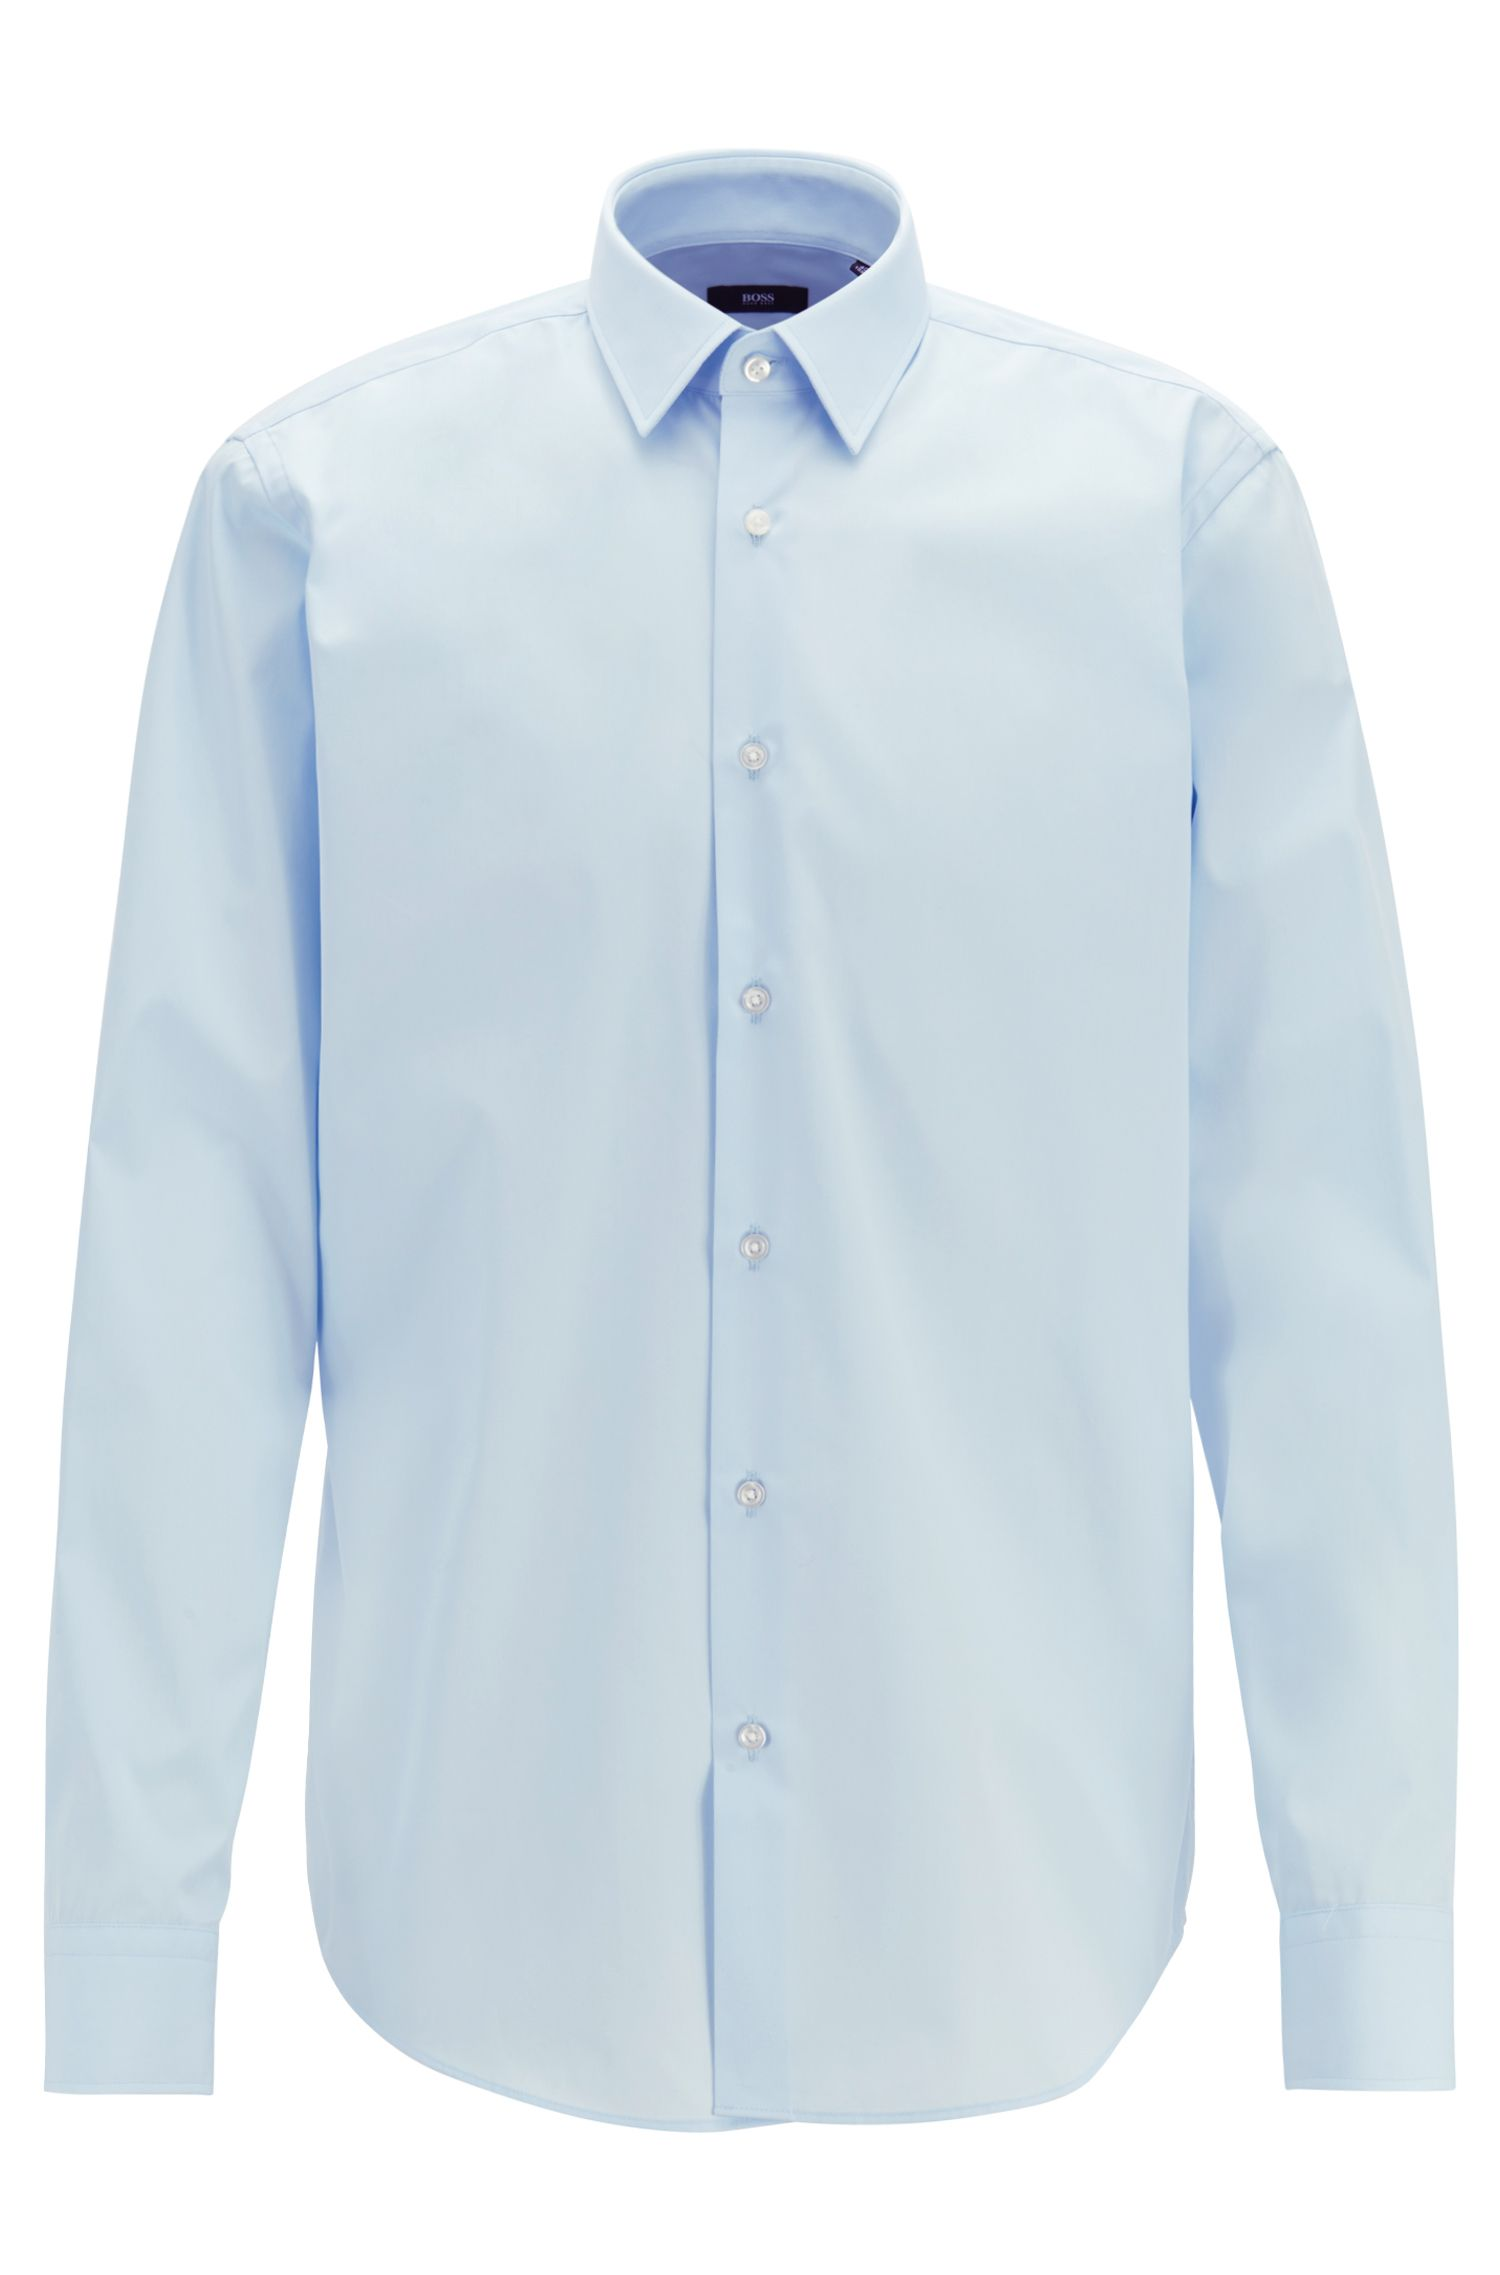 Regular-Fit Hemd aus Baumwoll-Popeline, Hellblau